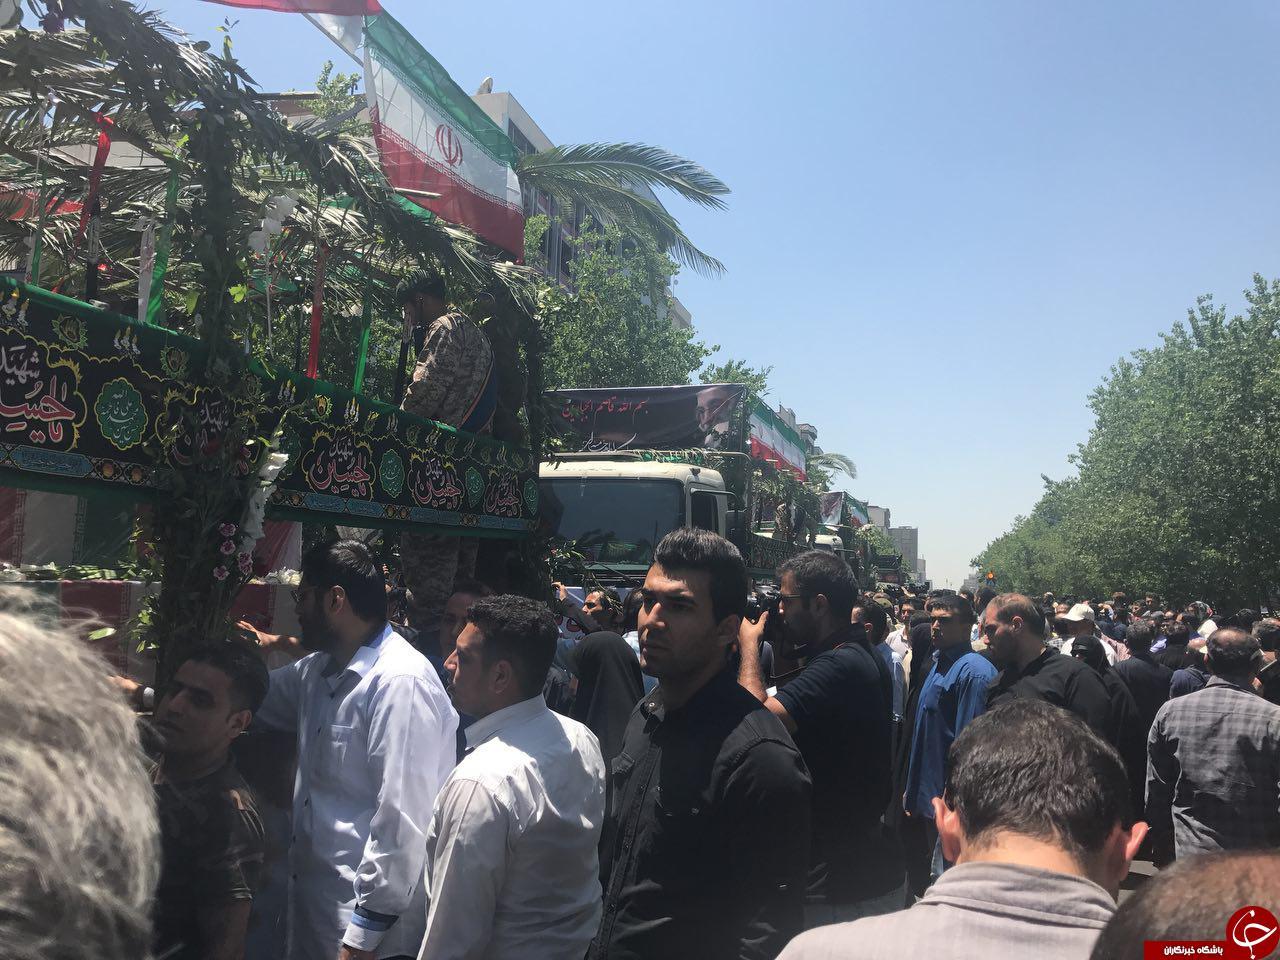 پیکر شهدای حوادث تروریستی تهران واردخیابان انقلاب شد+تصاویر